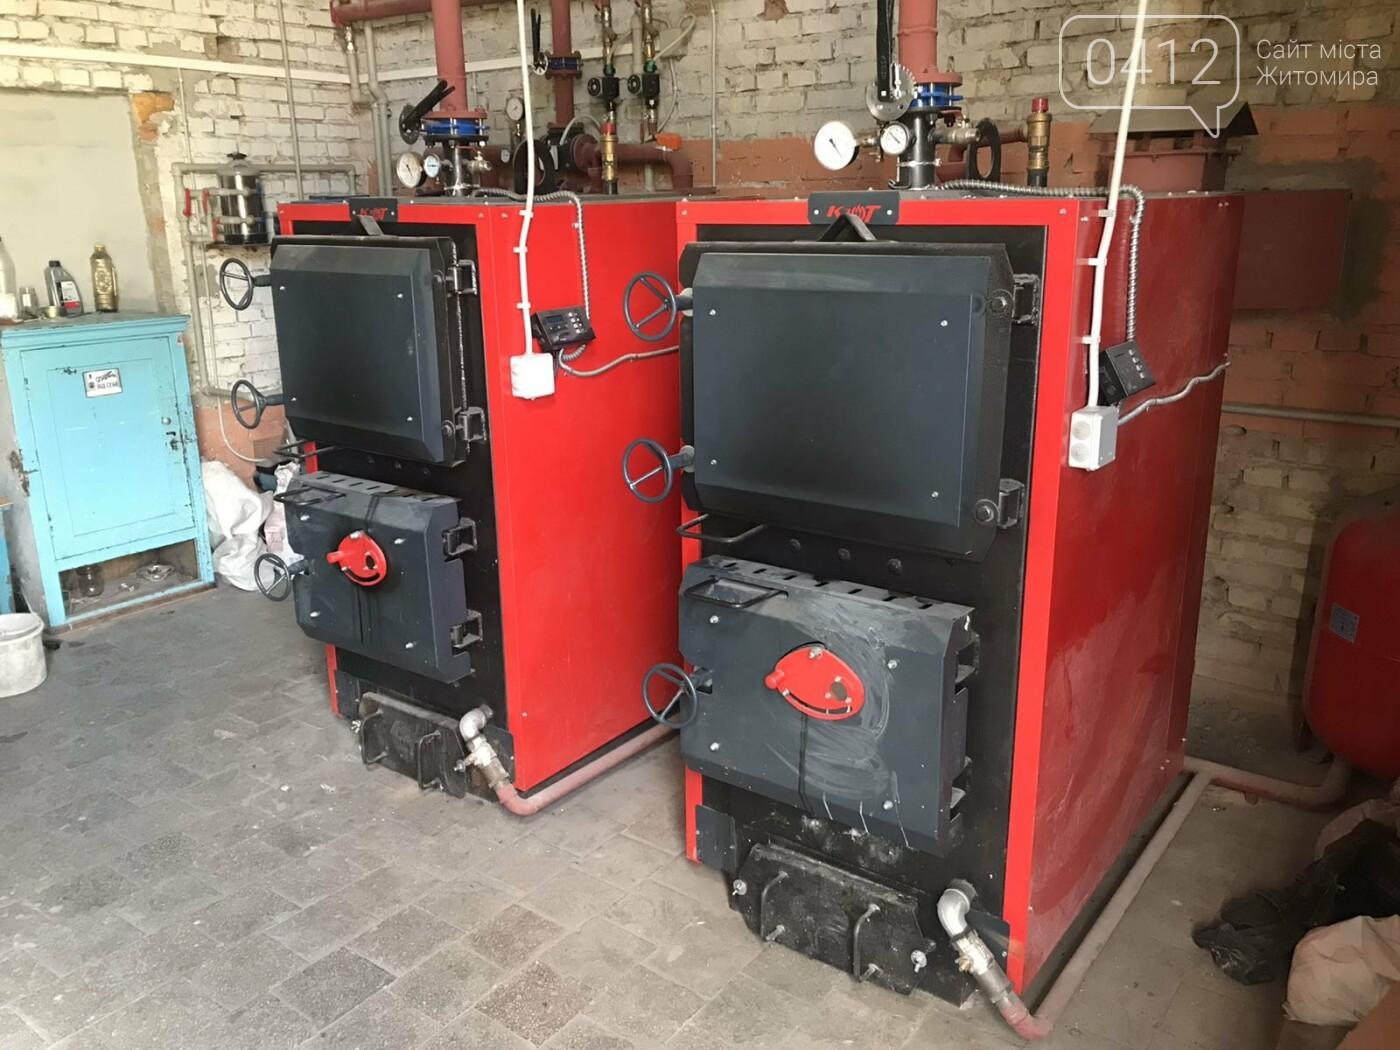 У школах Вільшанської ОТГ, що на Житомирщині, модернізували системи опалення, фото-1